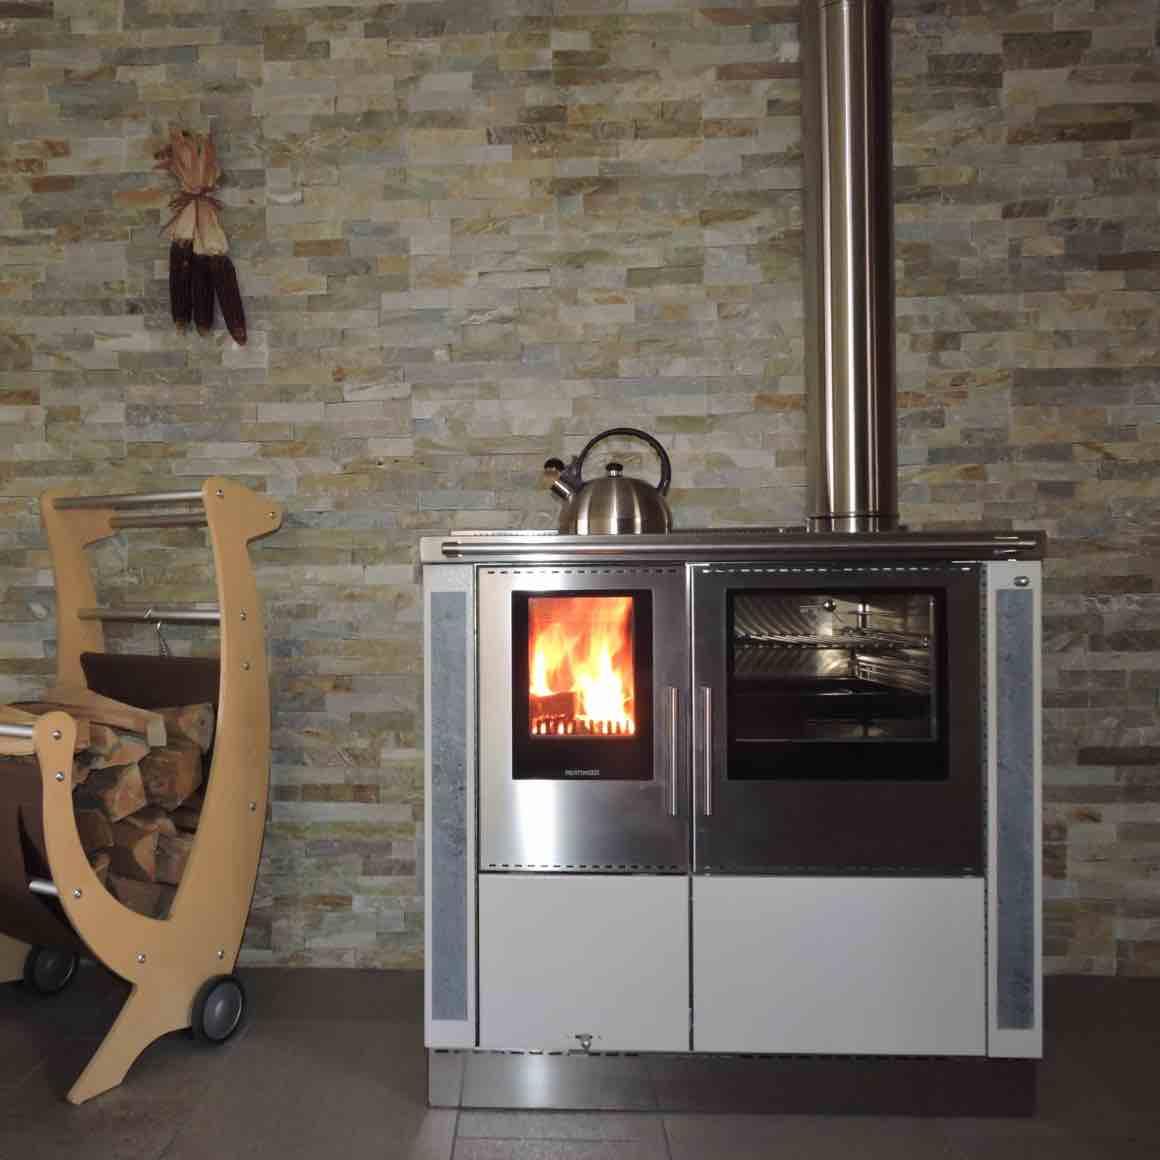 Cucina moderna a legna